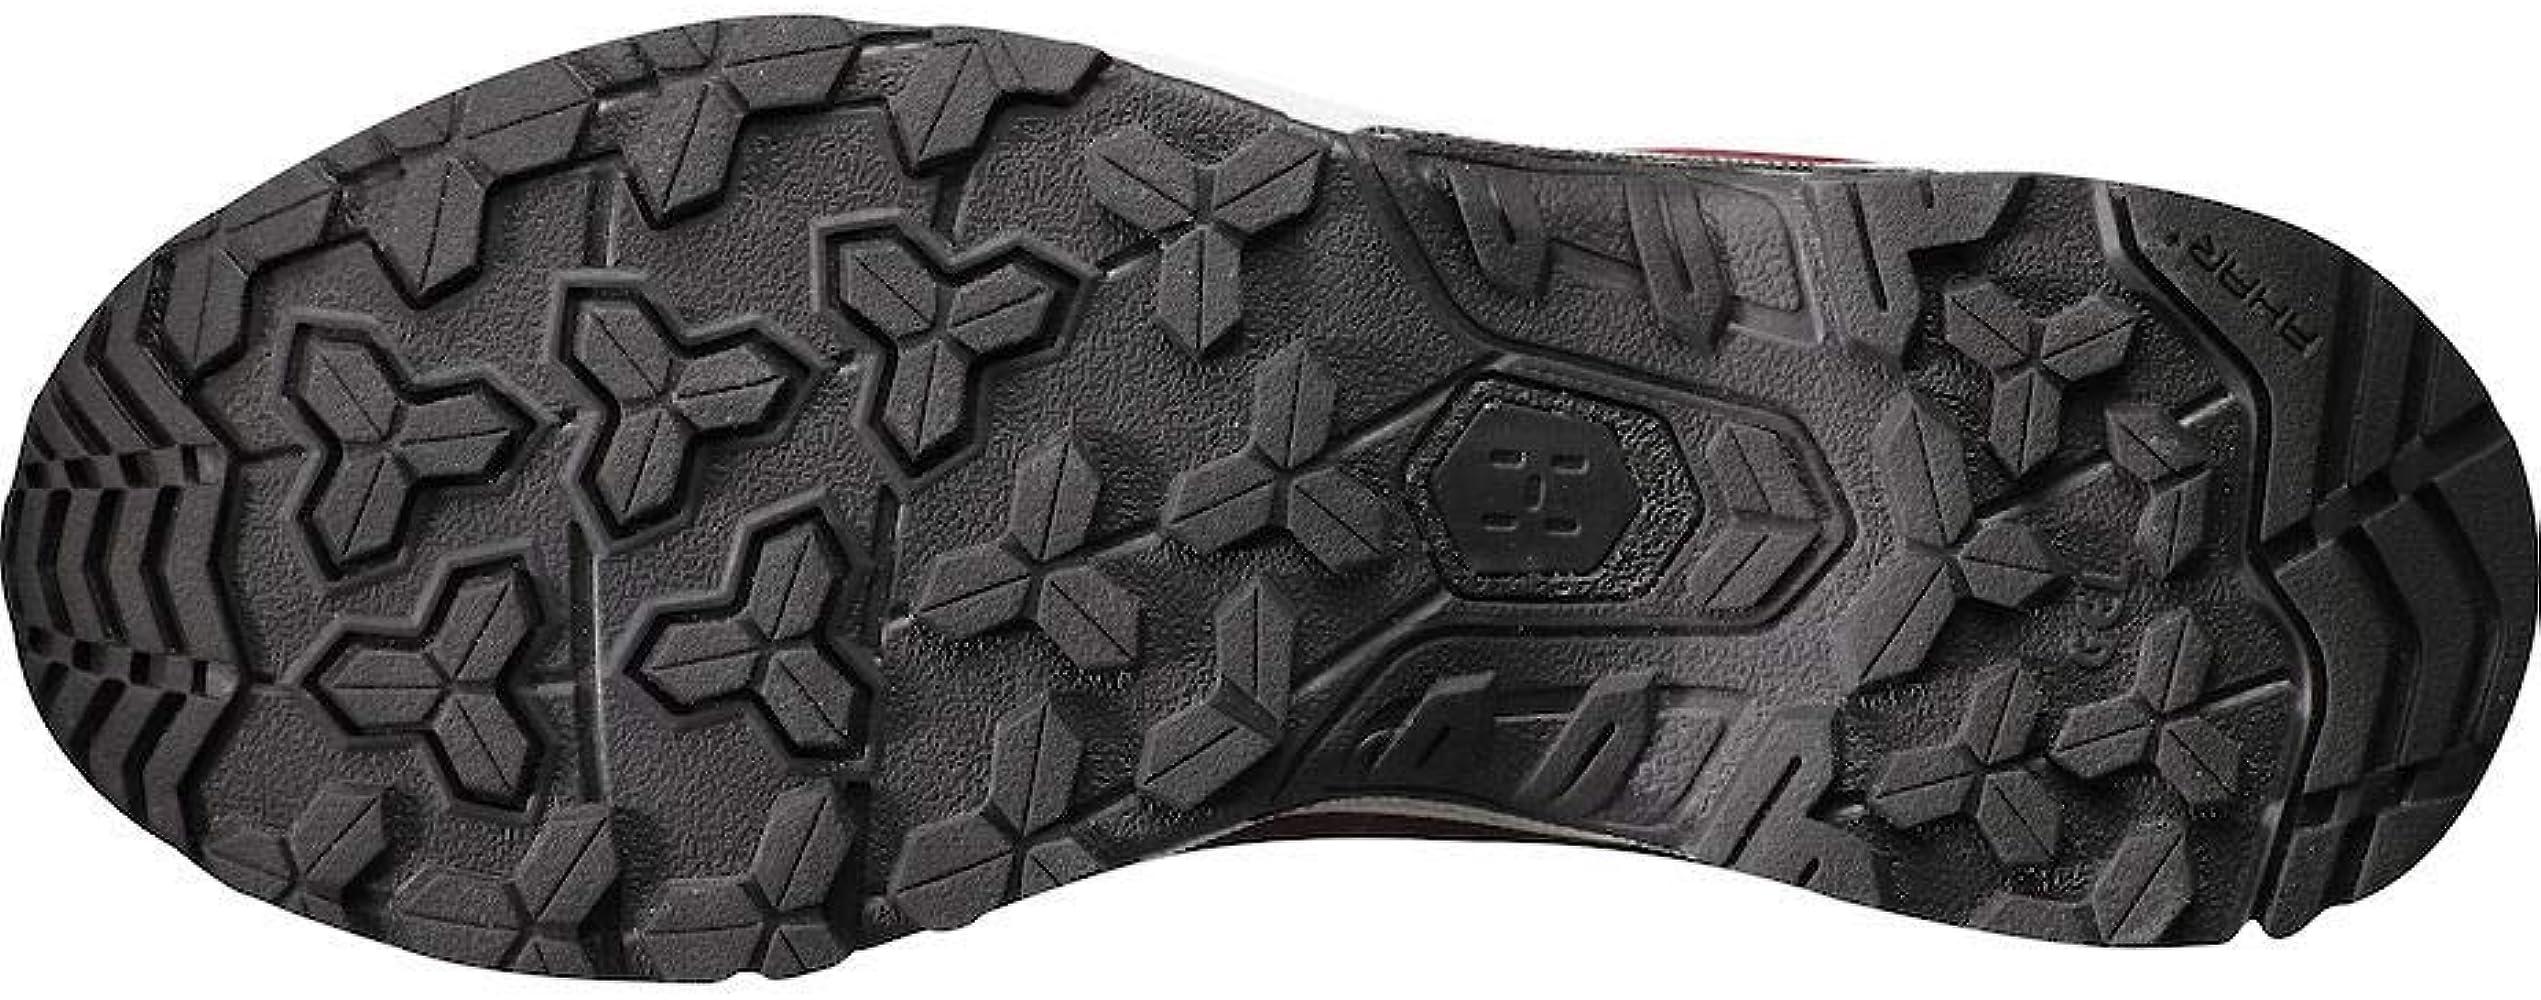 Haglöfs Mistral GT, Zapatillas de Senderismo para Mujer, Rojo (Aubergine/Peach 3fl), 37 1/3 EU: Amazon.es: Zapatos y complementos